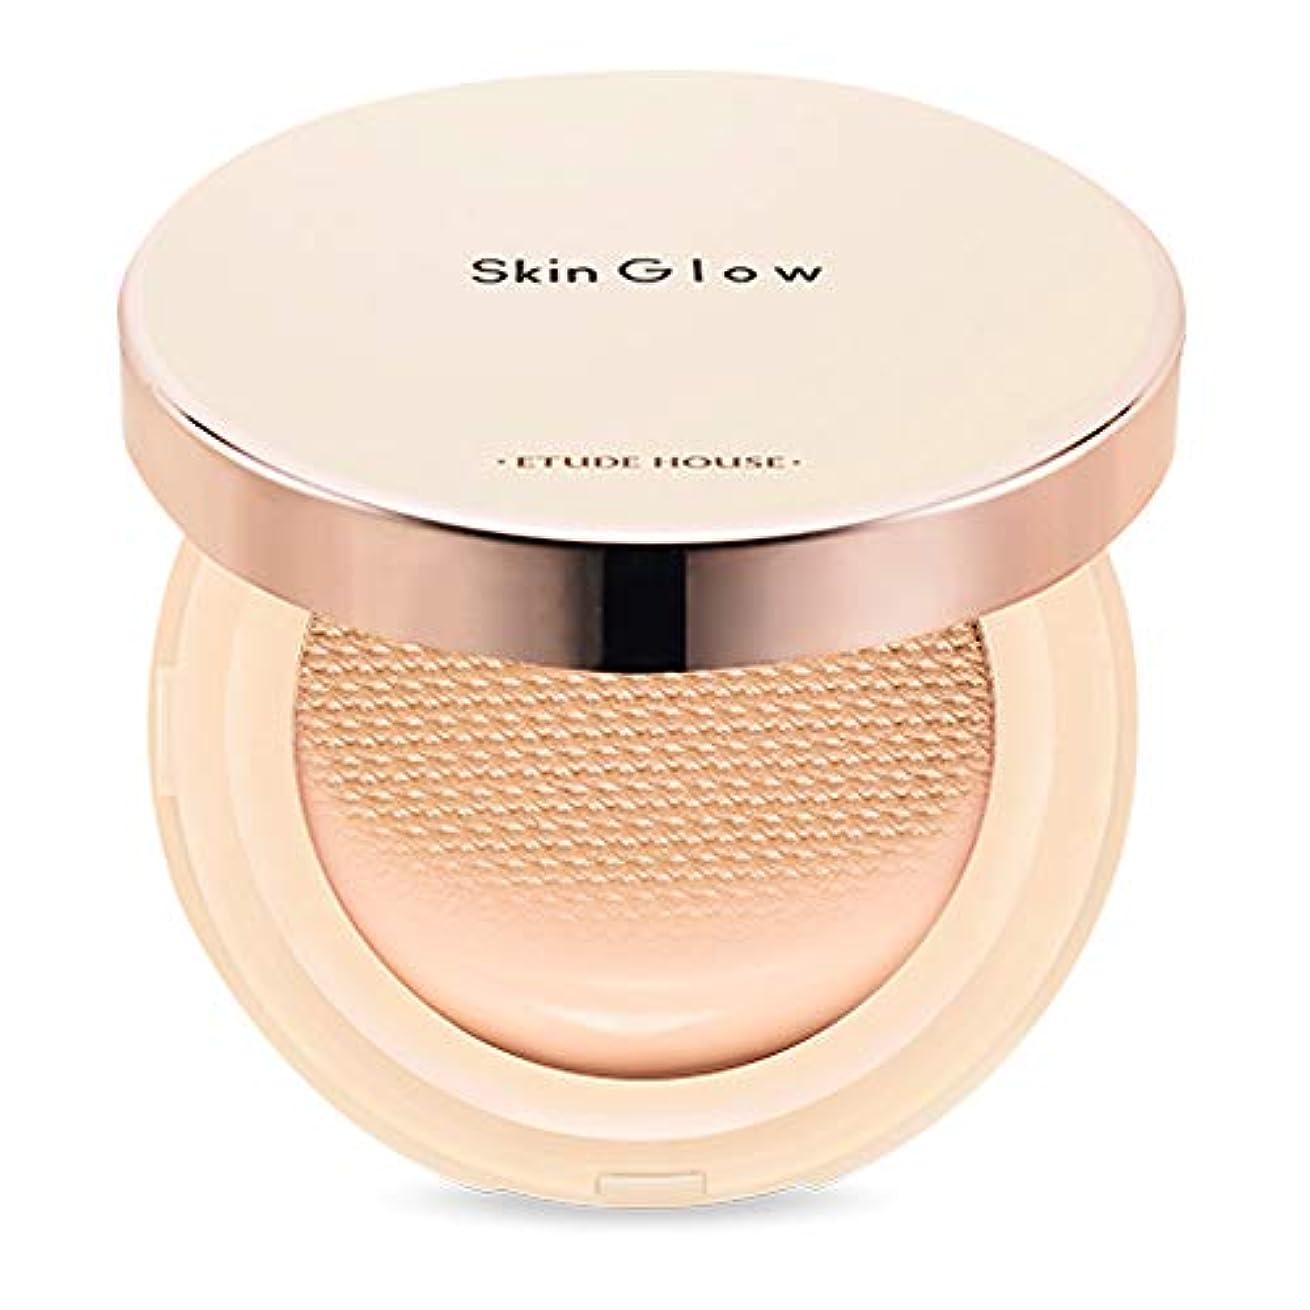 チート国民ソースEtude House Skin Glow Essence Cushion SPF50+/PA++++ エチュードハウス スキン グロー エッセンス クッション (# N04 Neutral Beige) [並行輸入品]